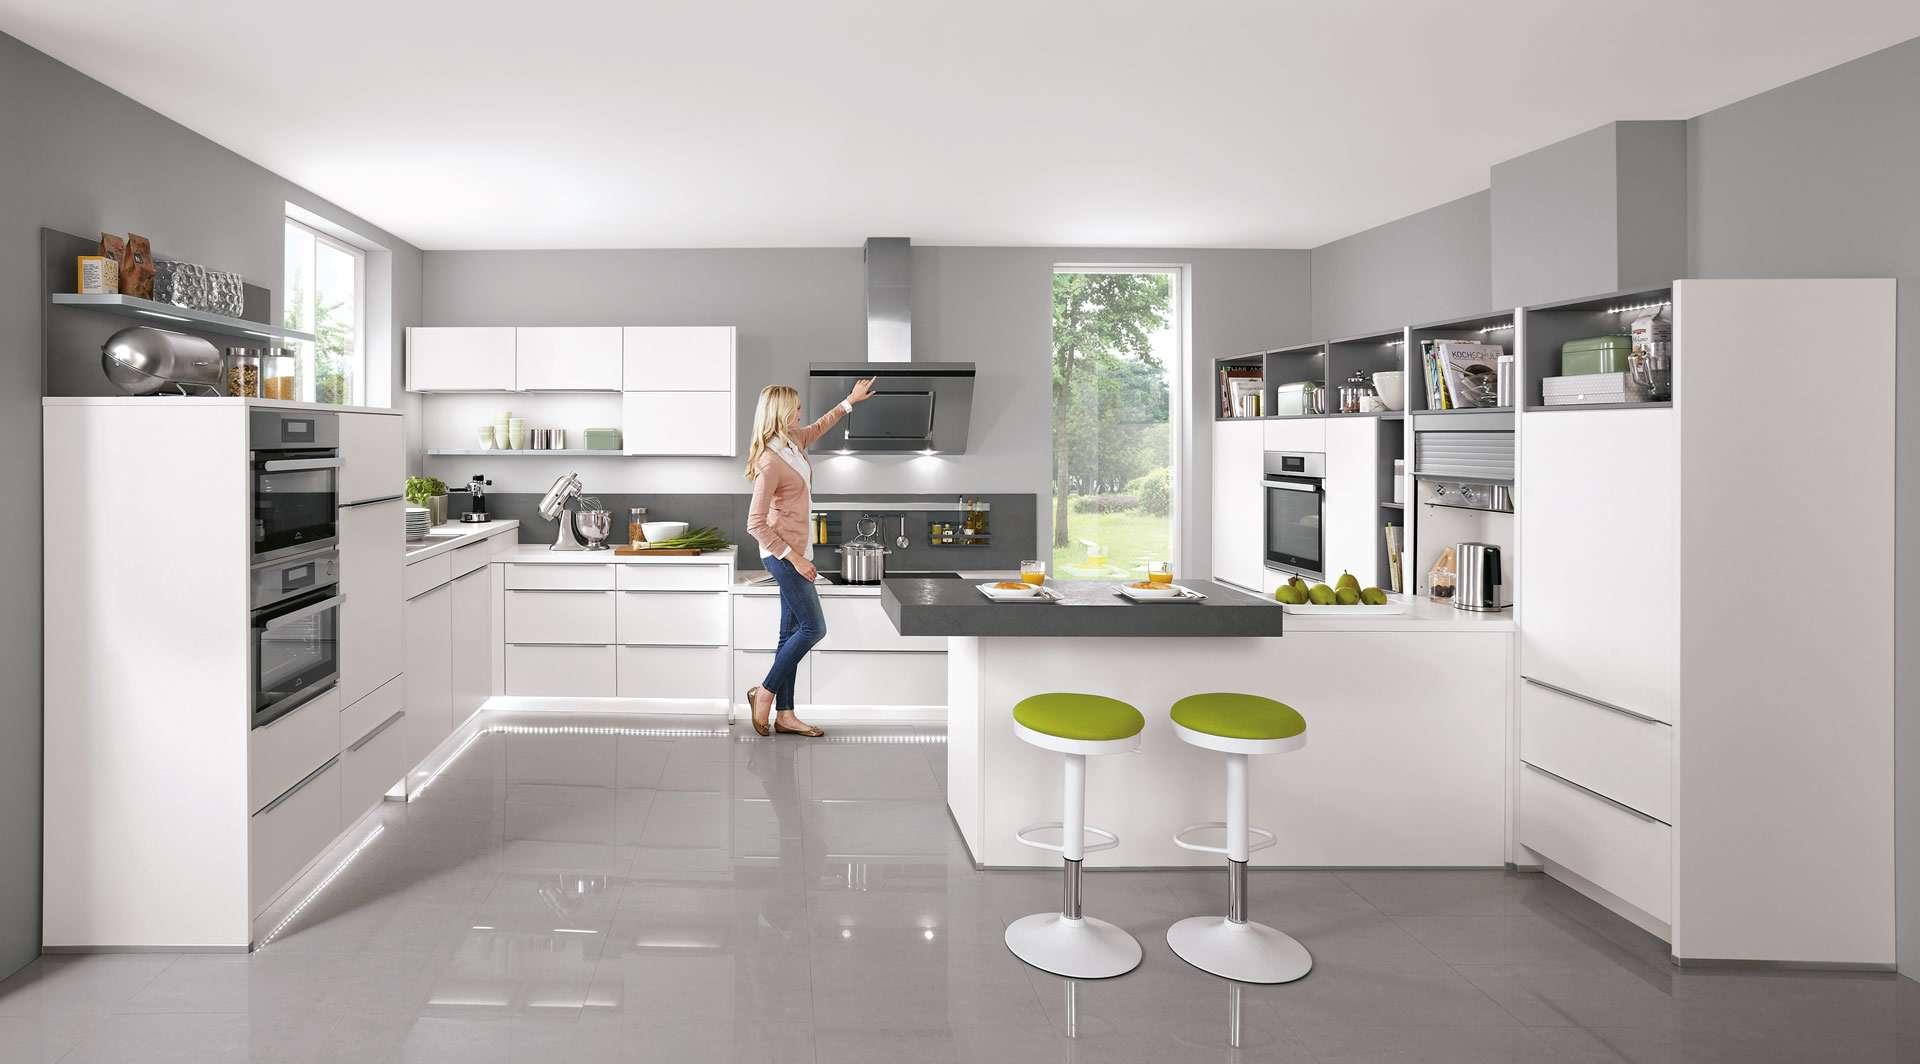 Küche mit Griffleisten in U-Form  ▷ Küchen Ideen